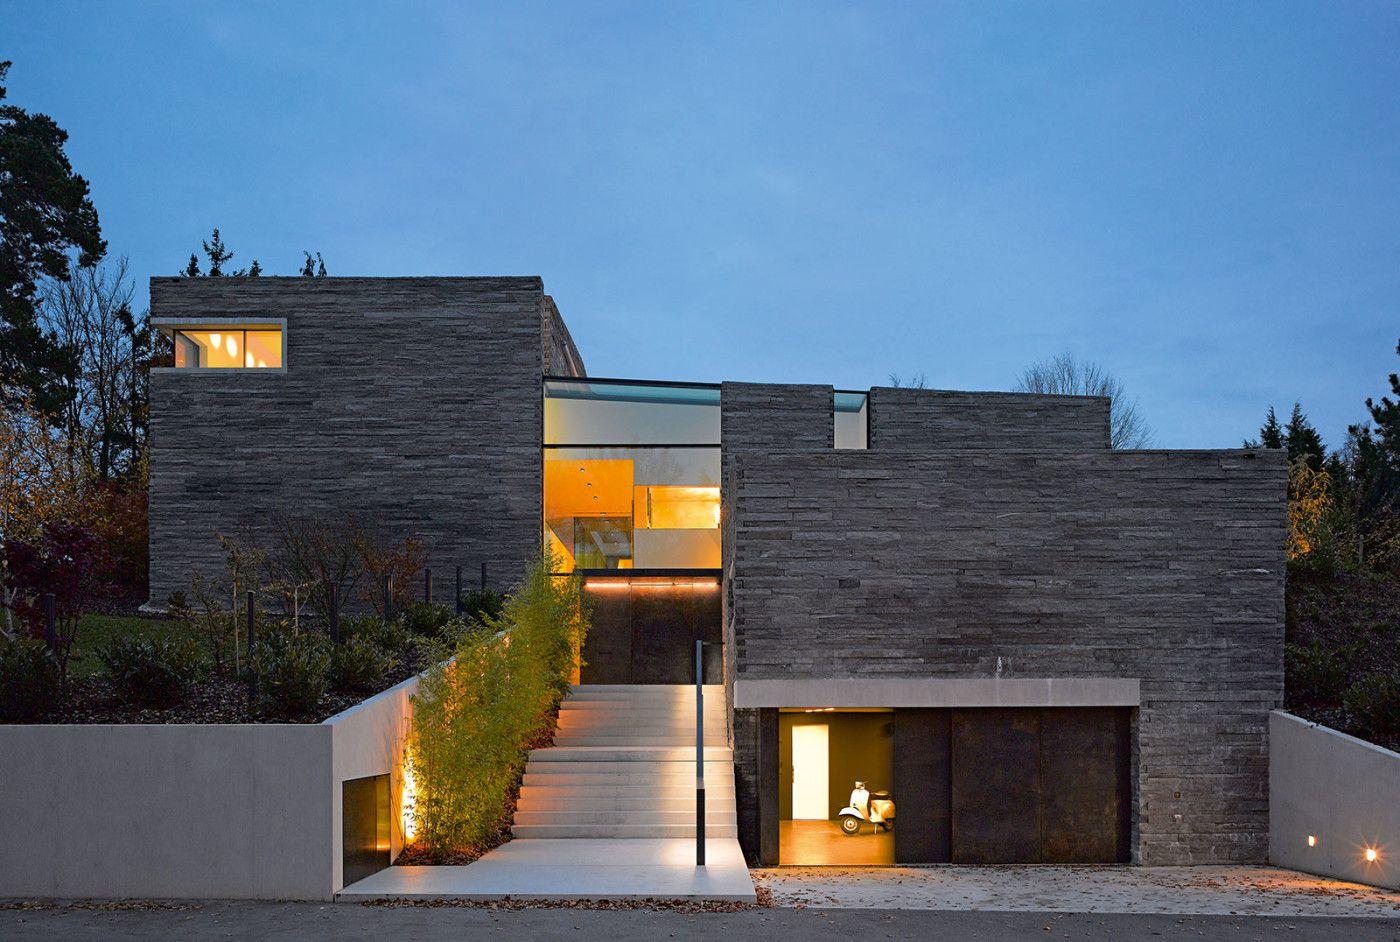 Haus aus Stein   Moderne häuser, Moderne einfamilienhäuser und Steine